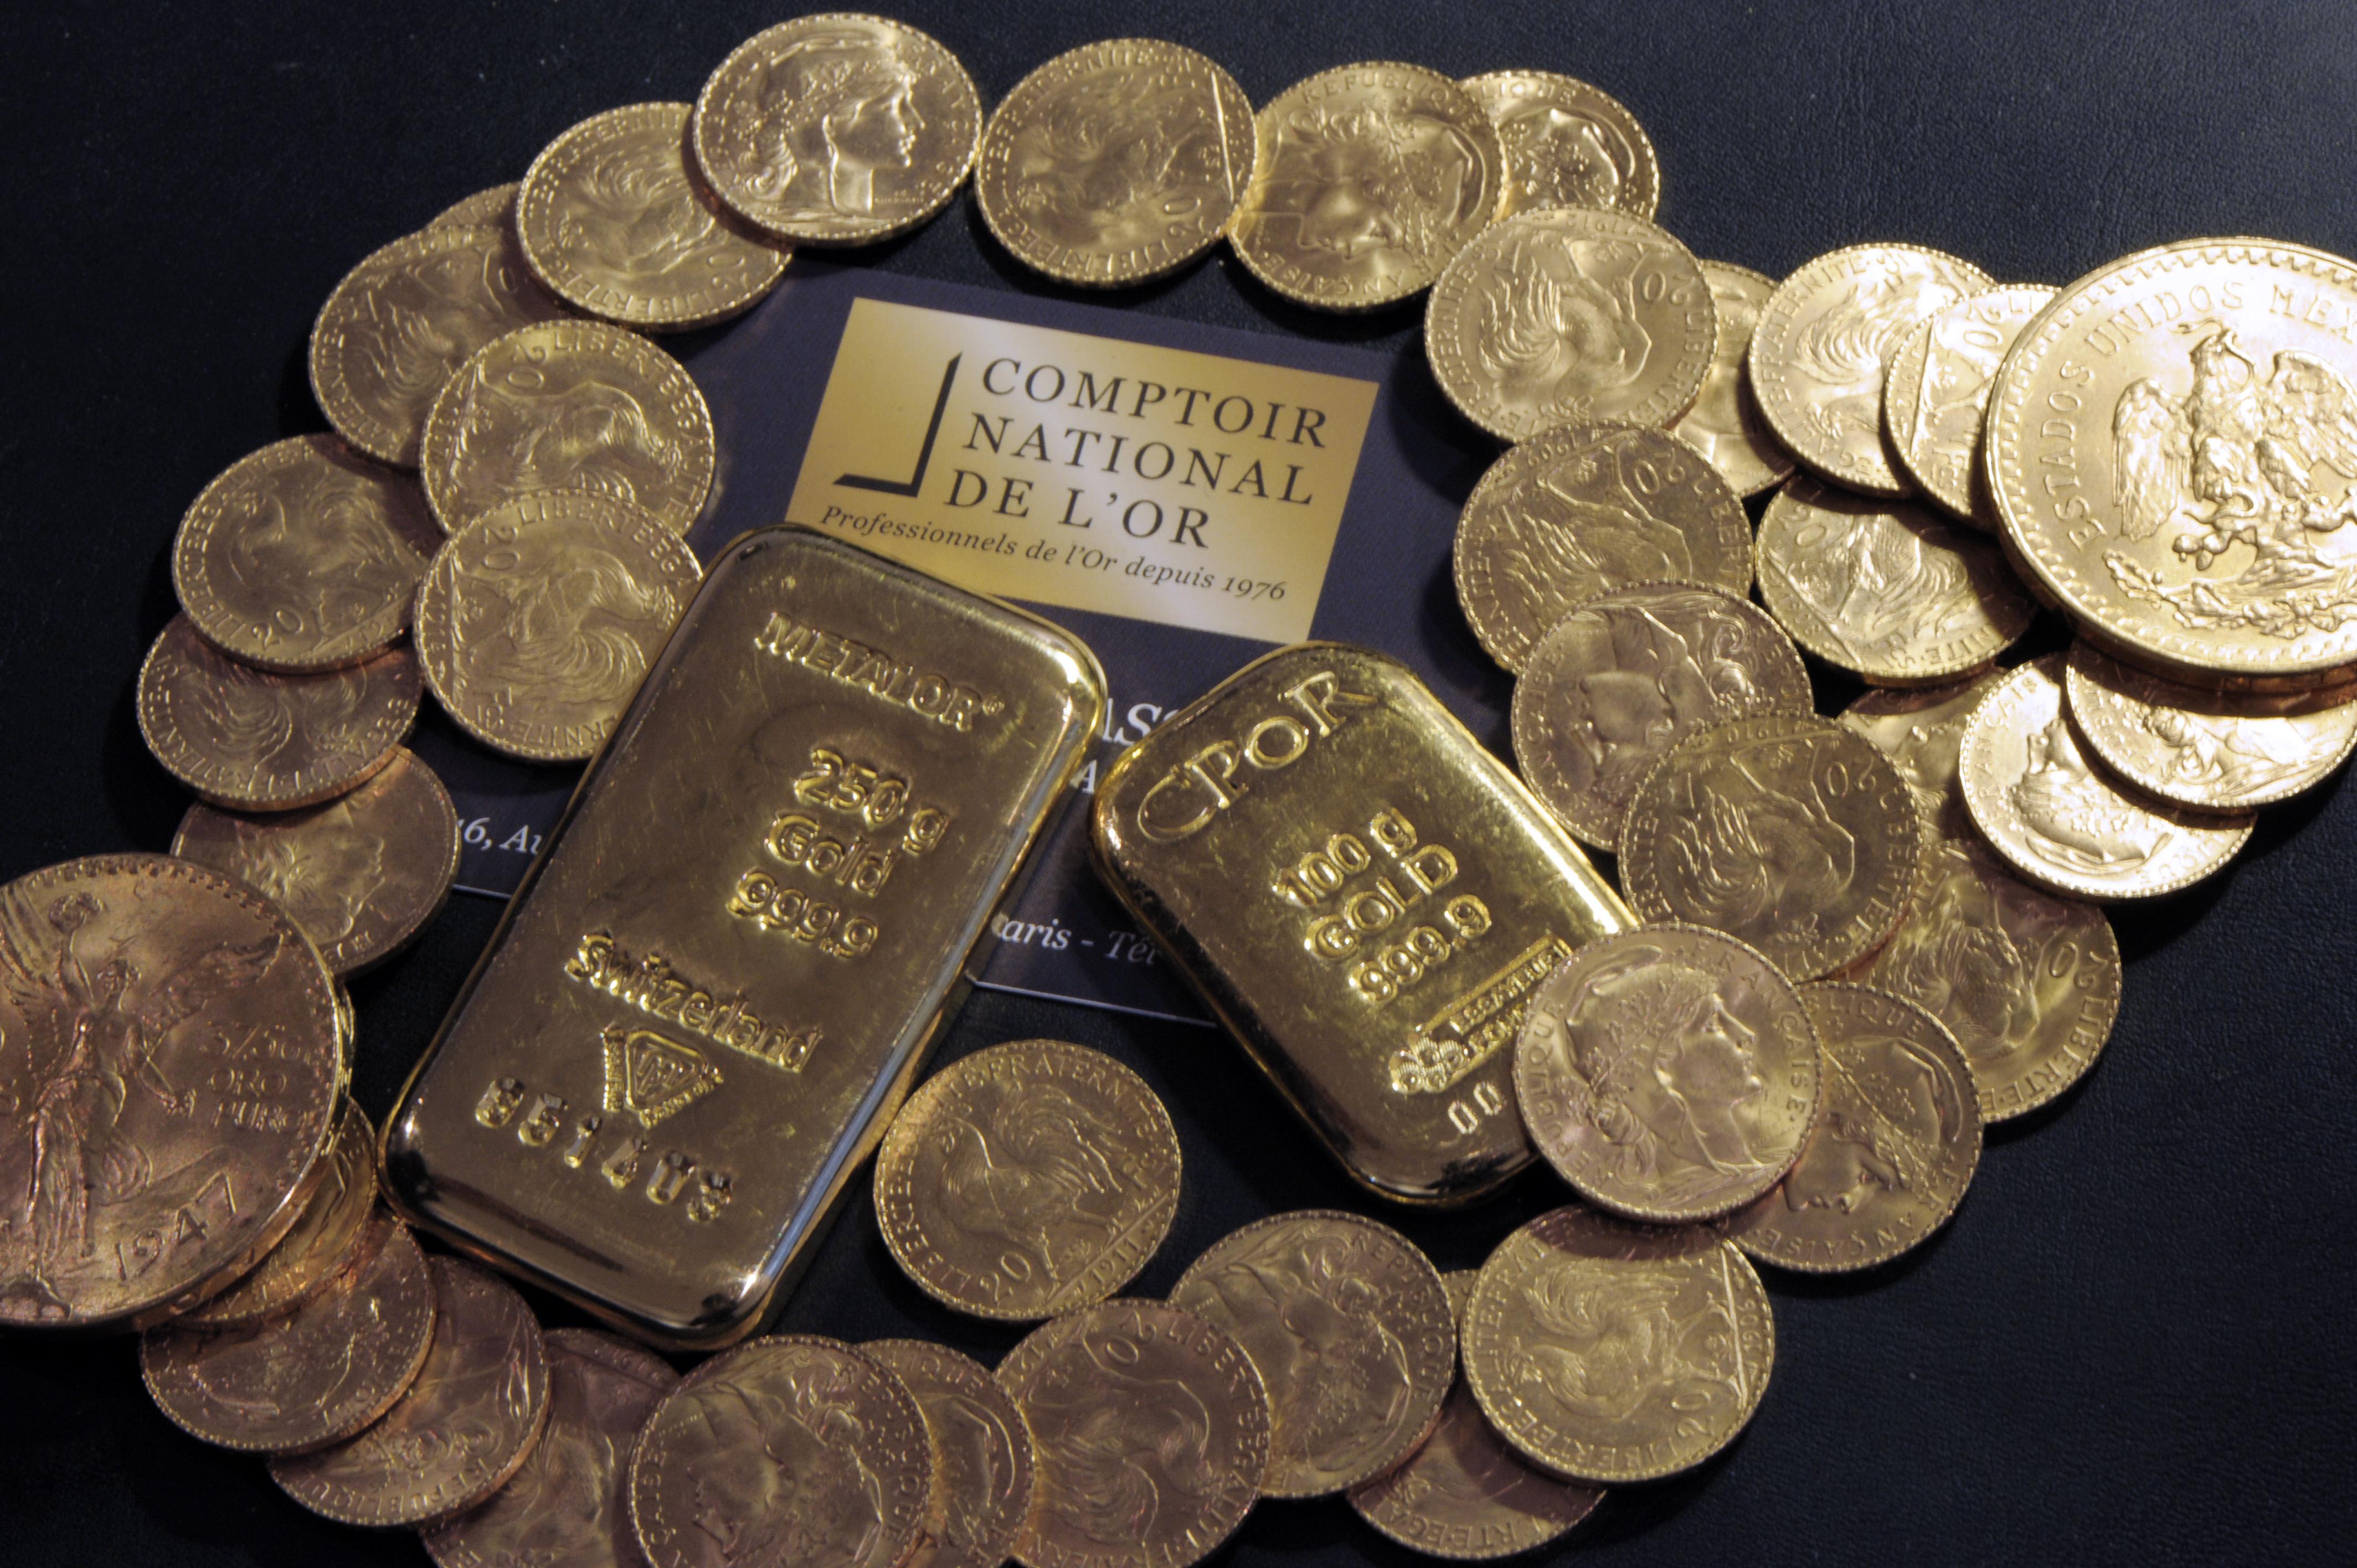 Száz kiló aranyat talált egy francia férfi az örökölt házában